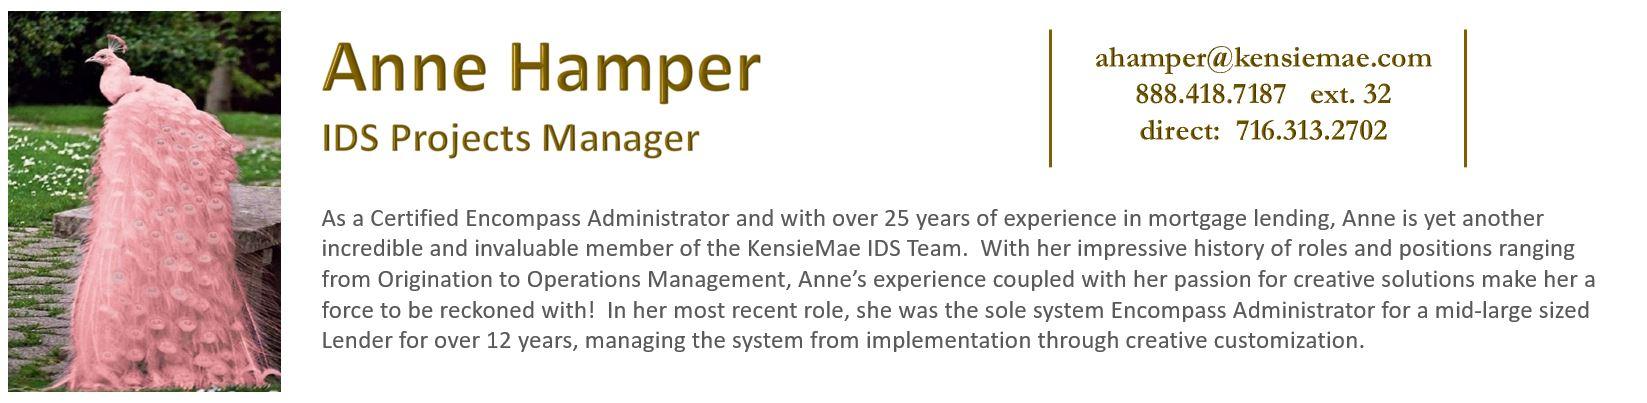 AnneHamper.Bio.JPG